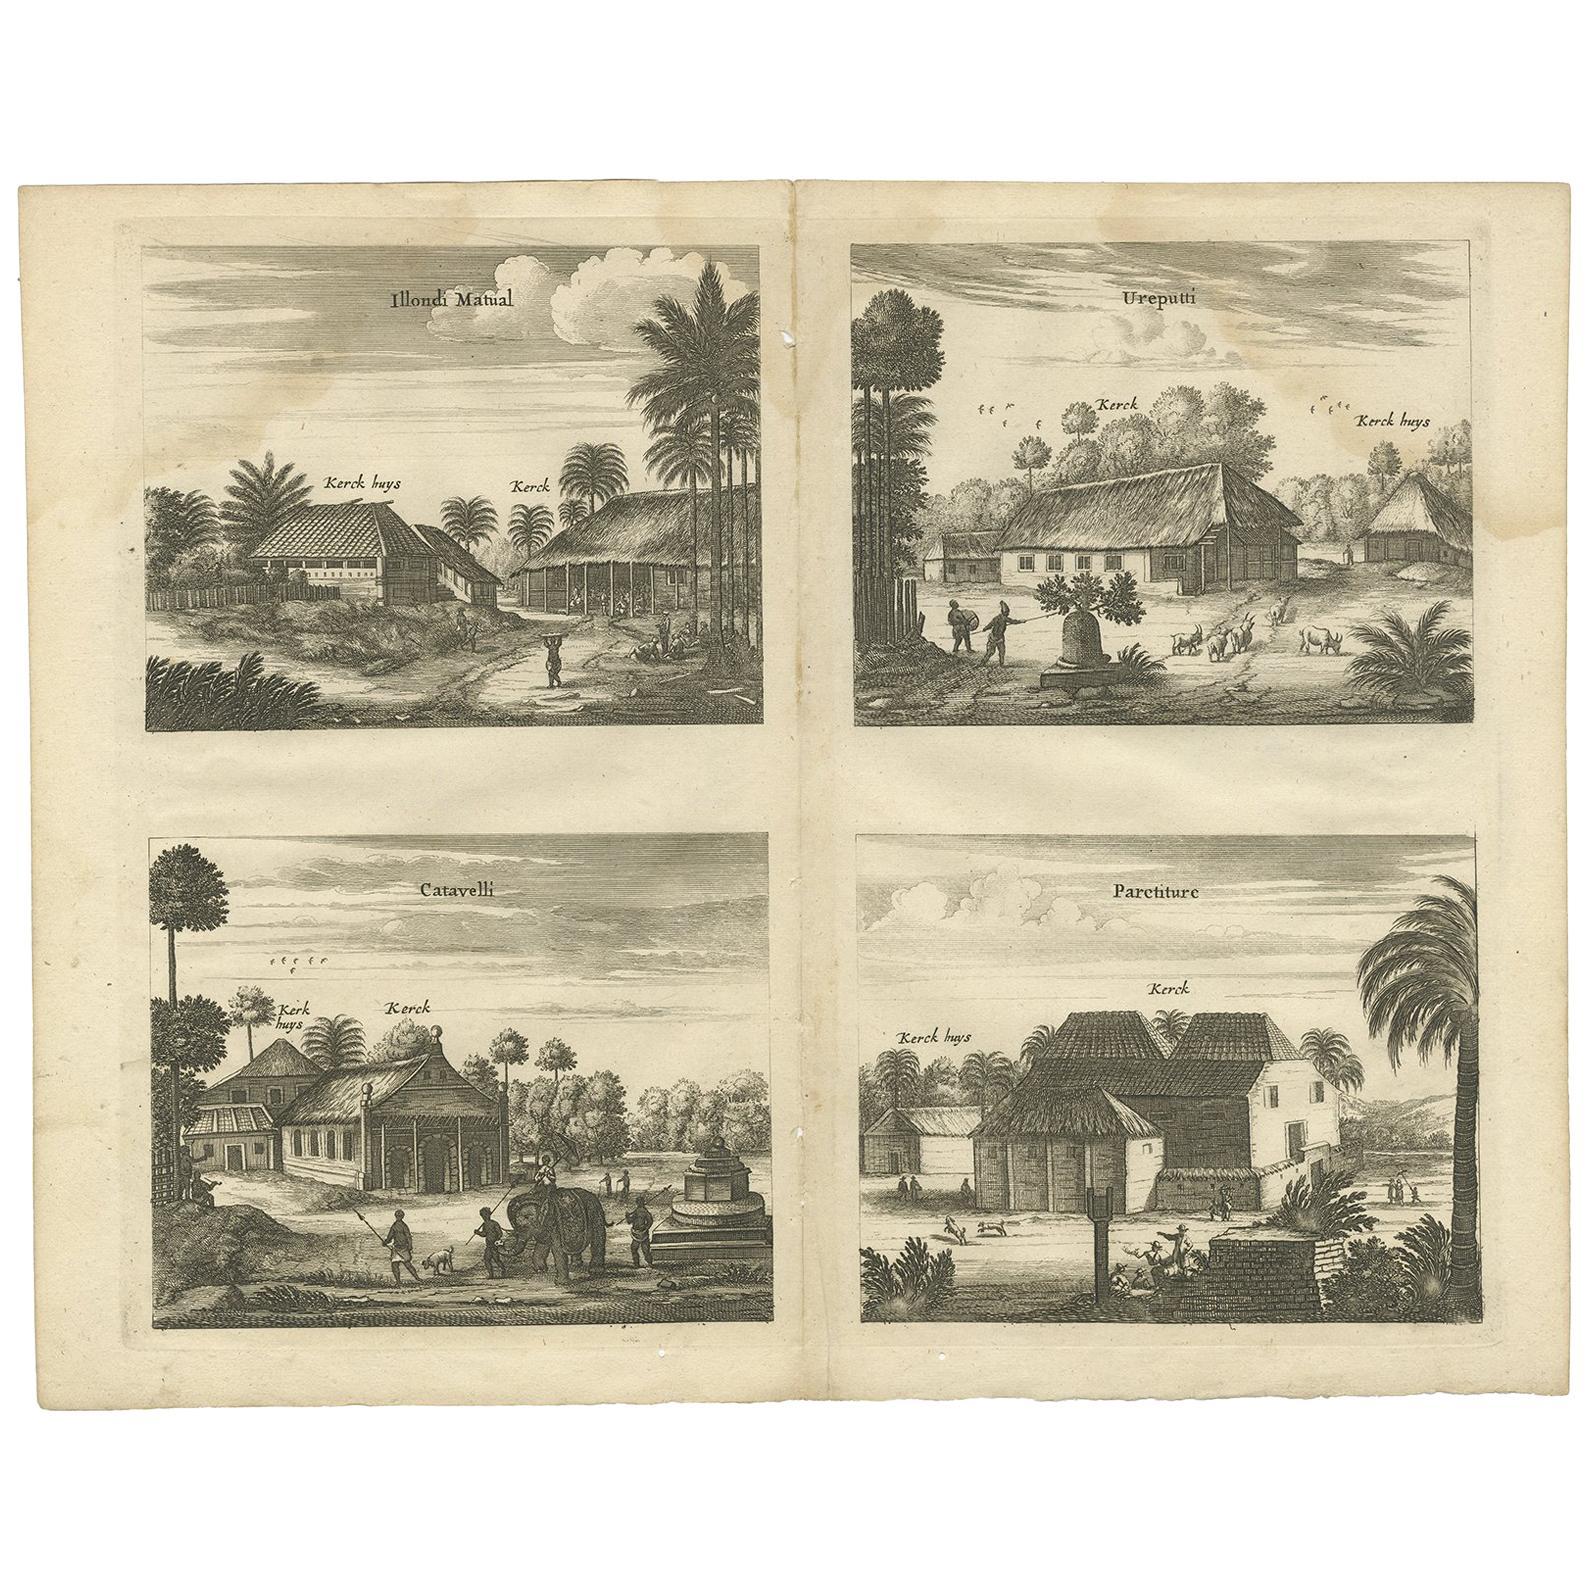 Antique Print of the Churches of Ilondi Matual, Ureputti, Catavelli and Paretitu